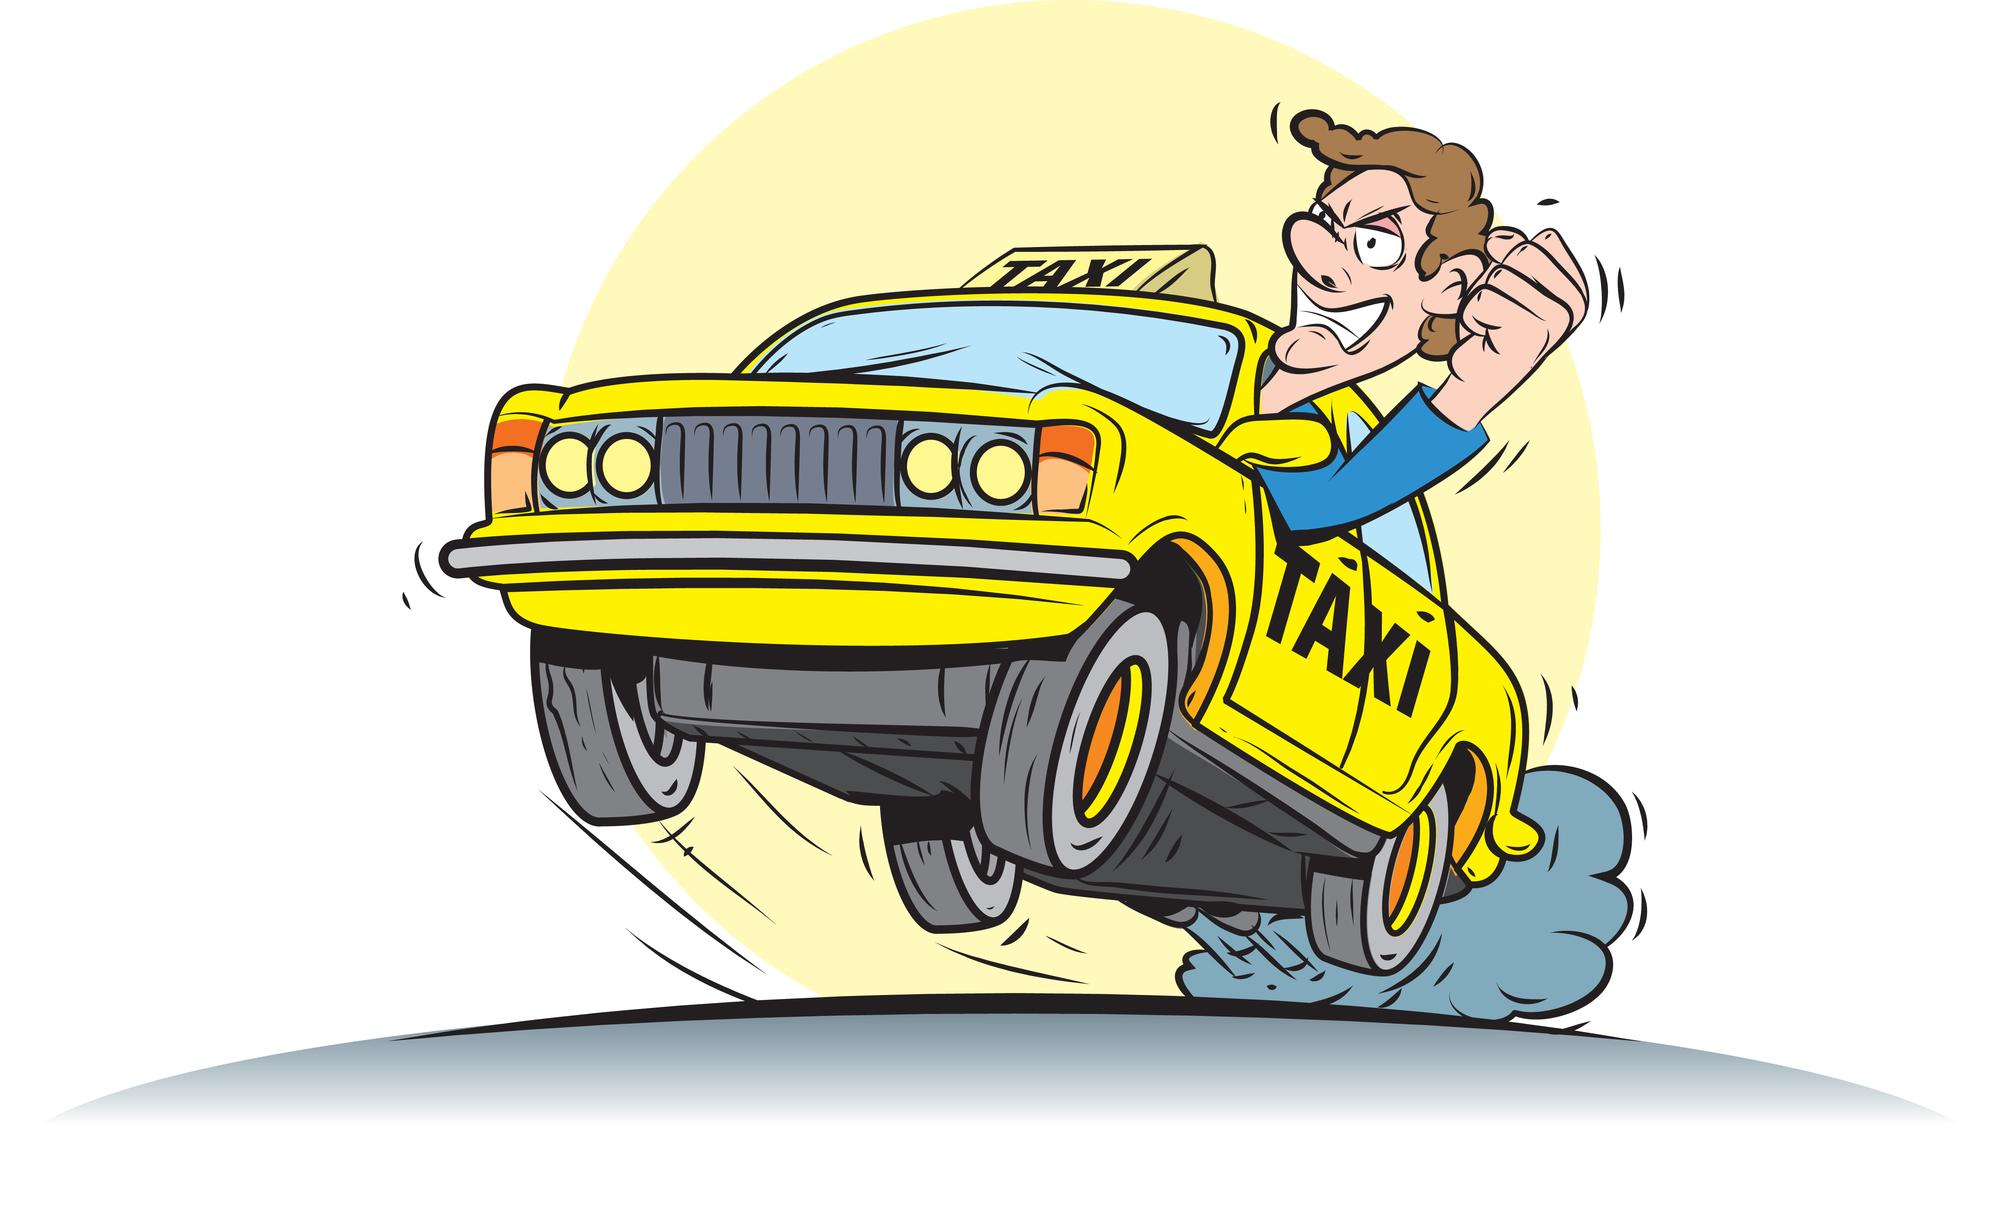 Ланосы, водители-мошенники и цены «Яндекс.Такси». История провалов Uber, Uklon и Taxify в Украине